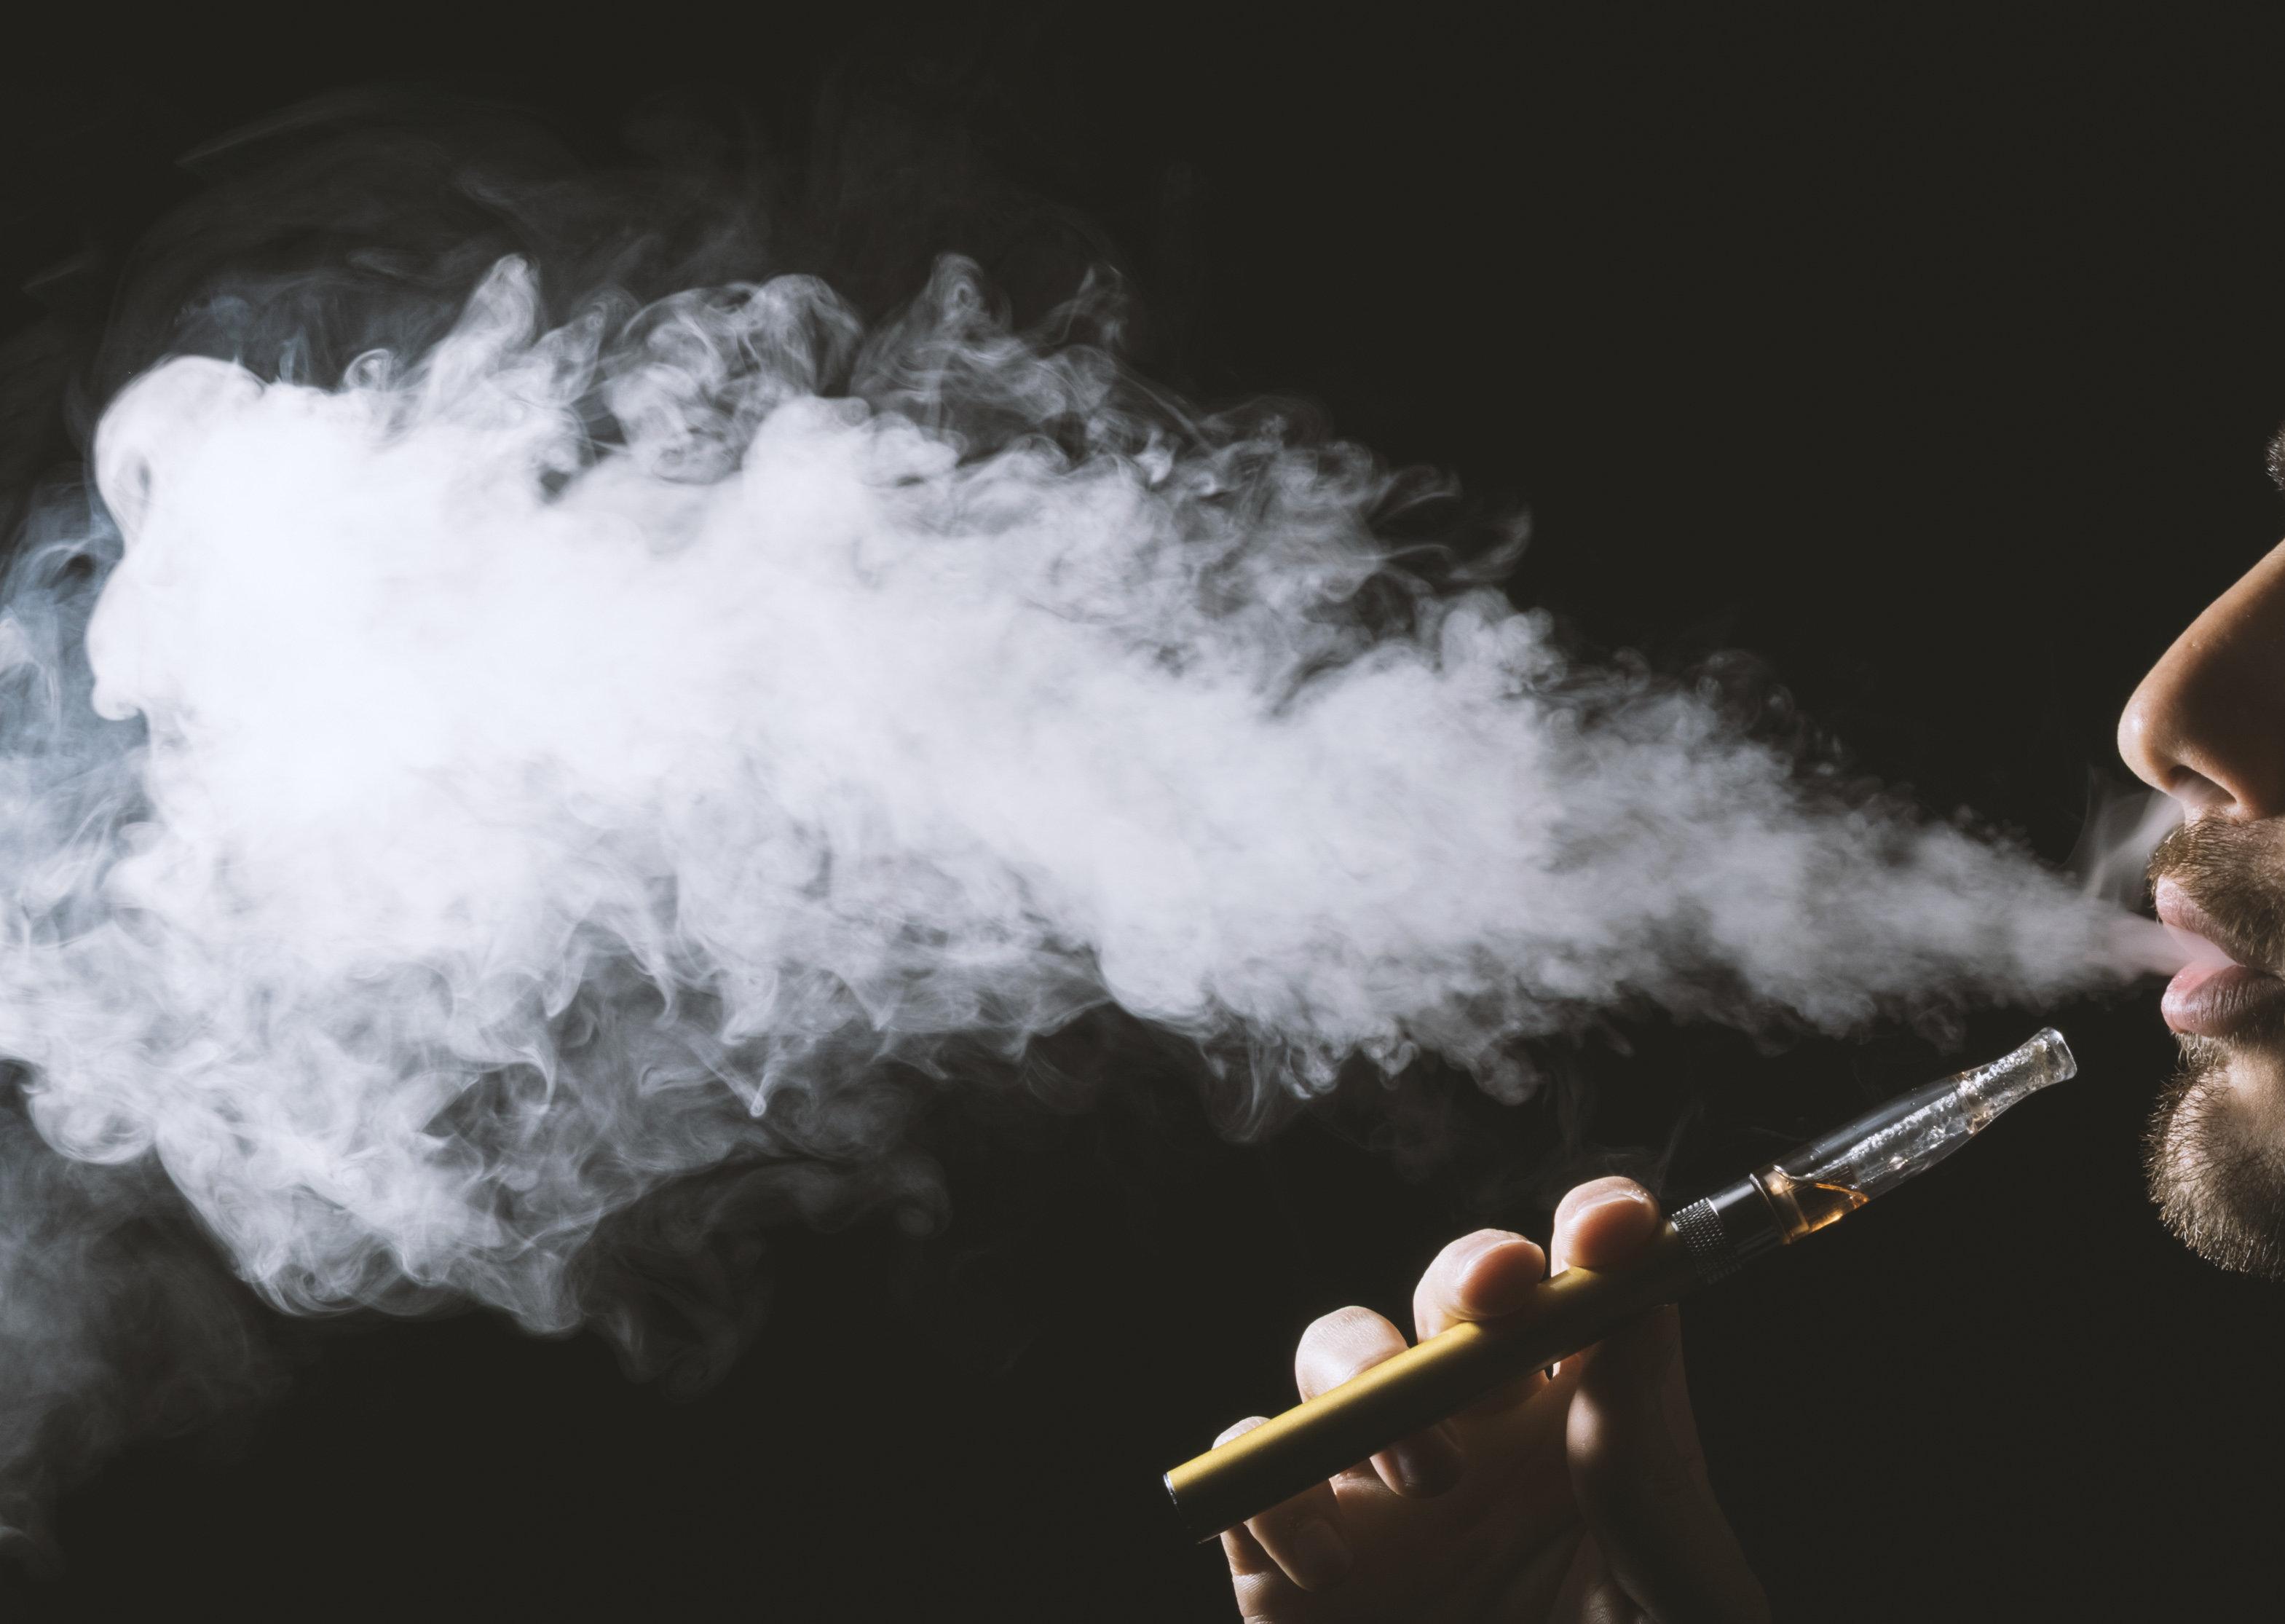 미국의 한 남성이 전자담배 폭발사고로